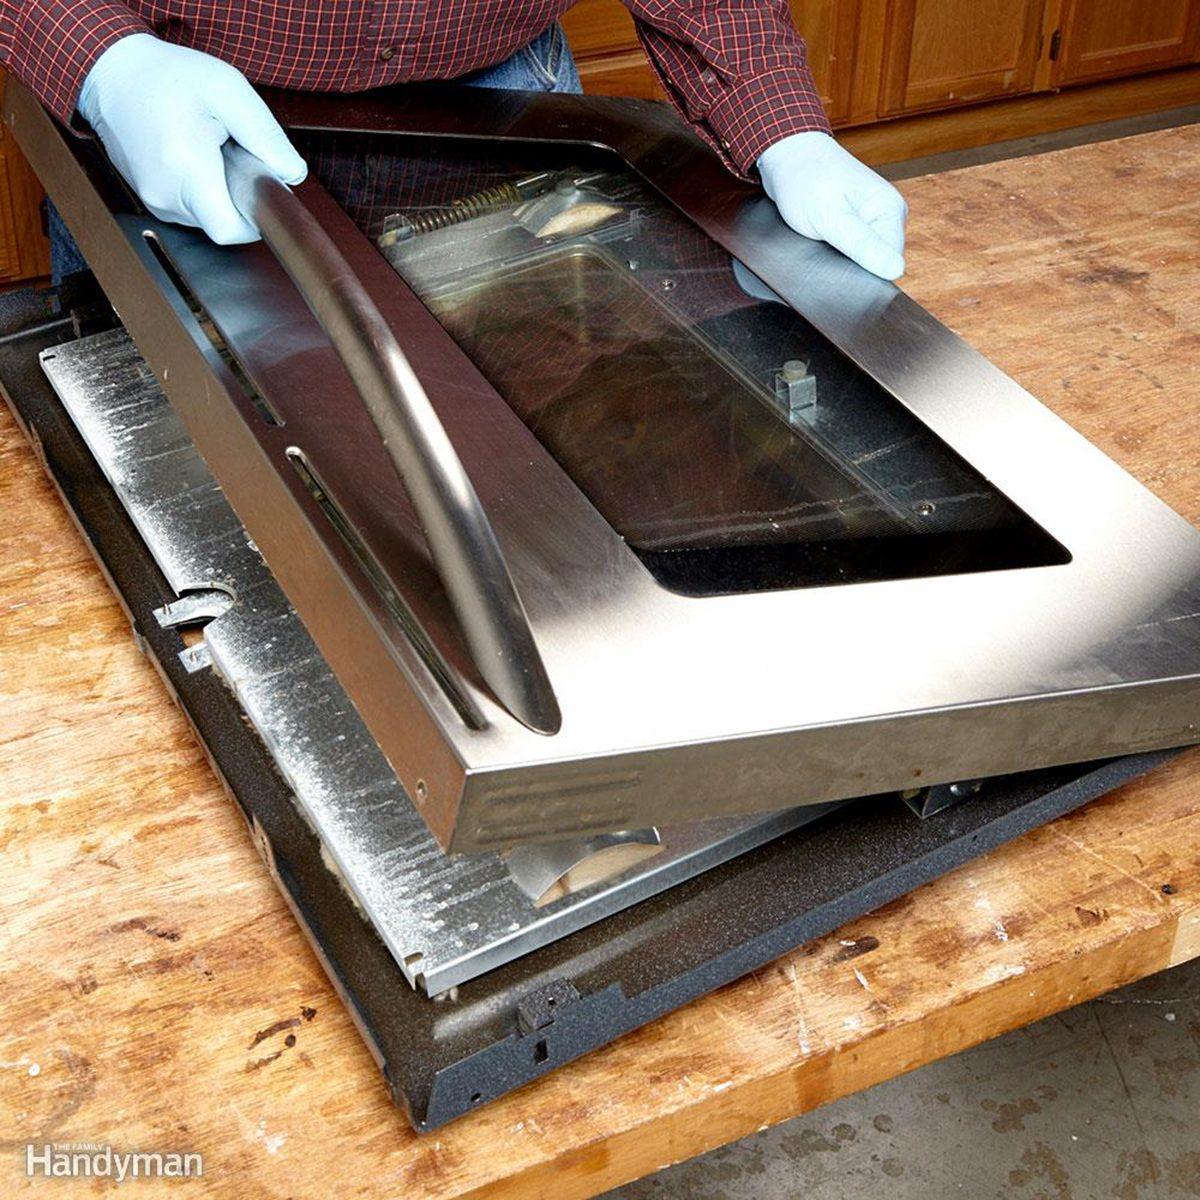 assembling oven door